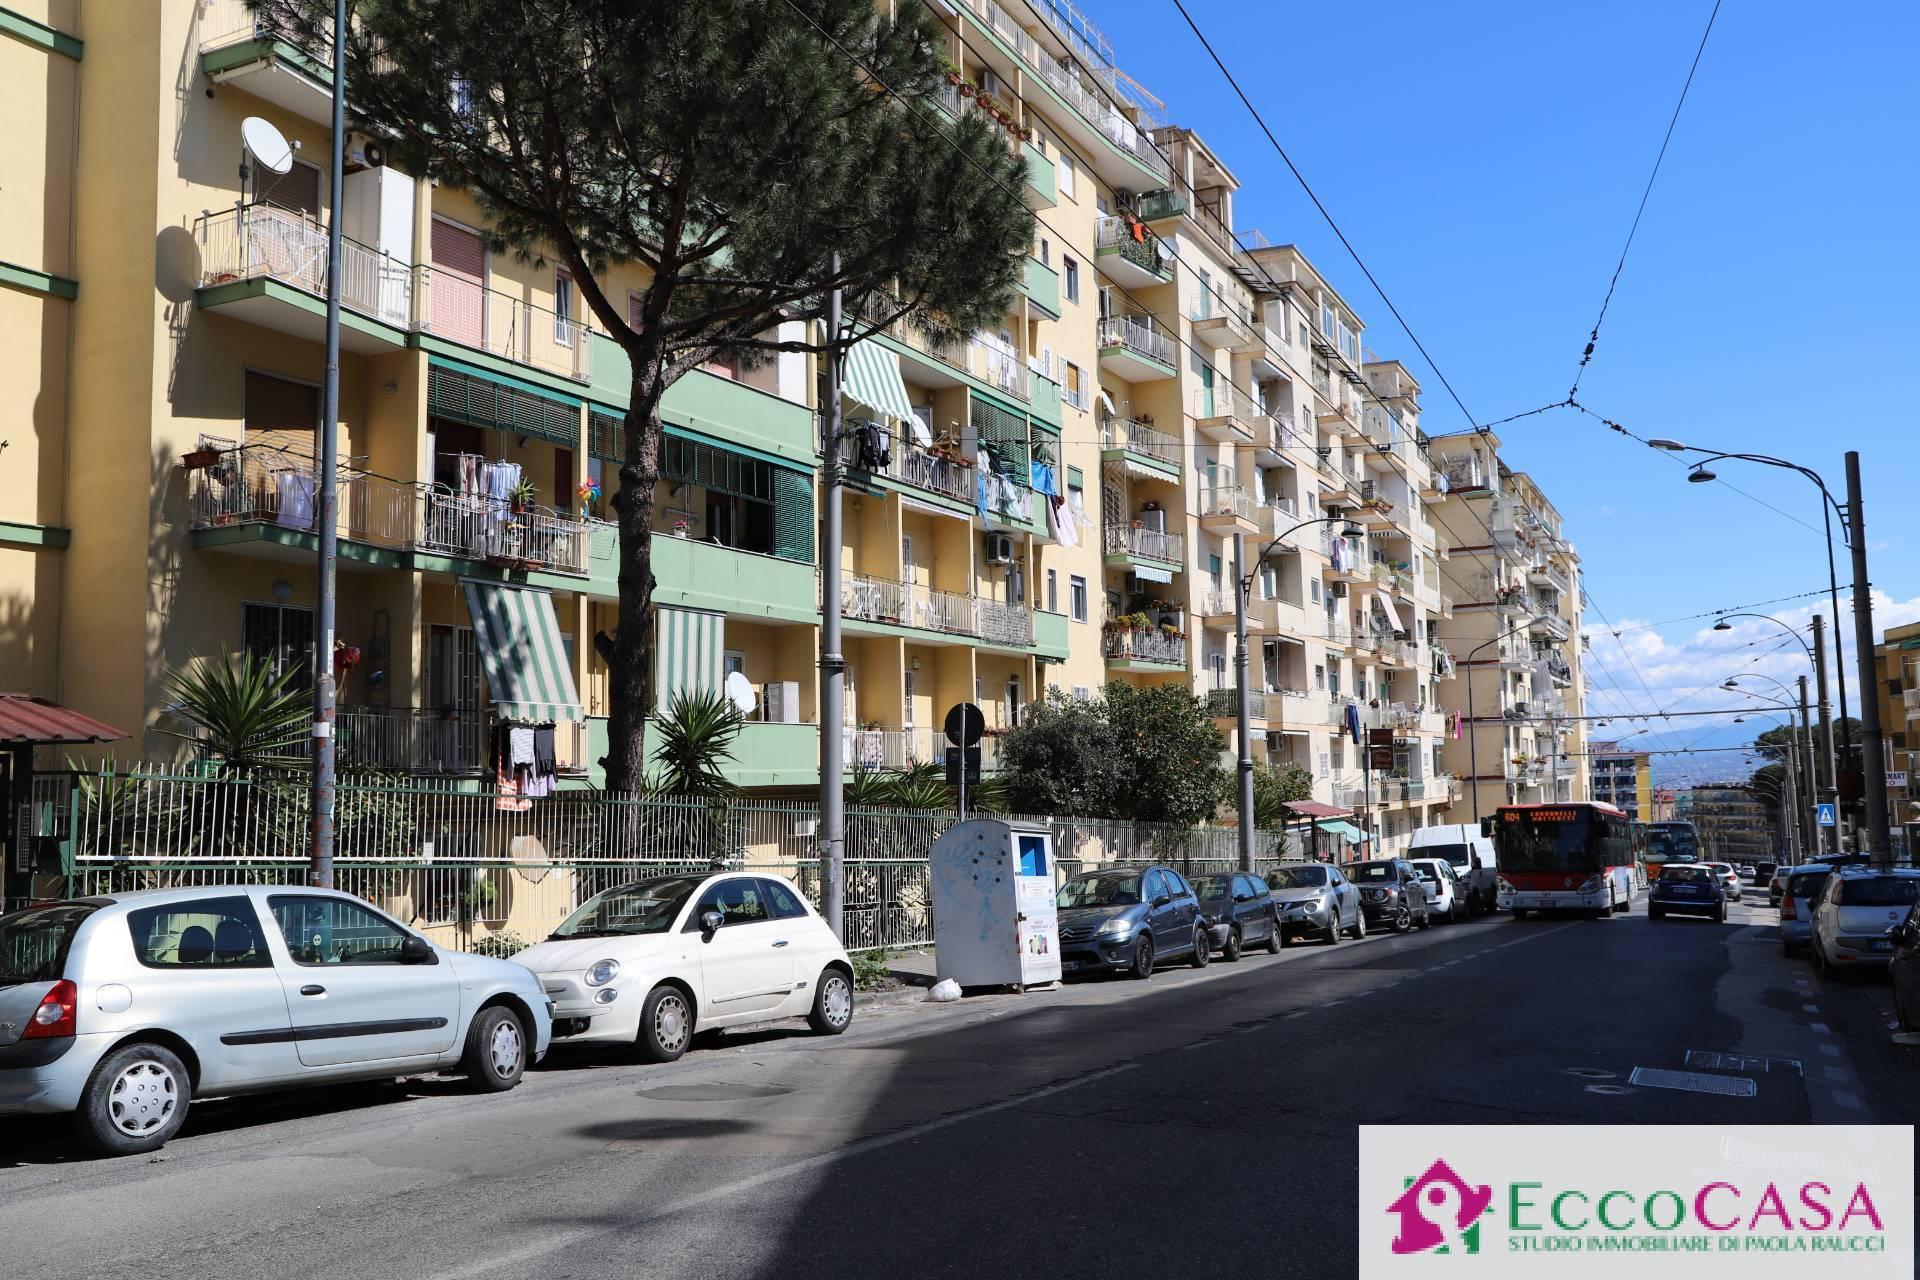 Appartamento in vendita a Colli Aminei - Capodimonte, Napoli (NA)